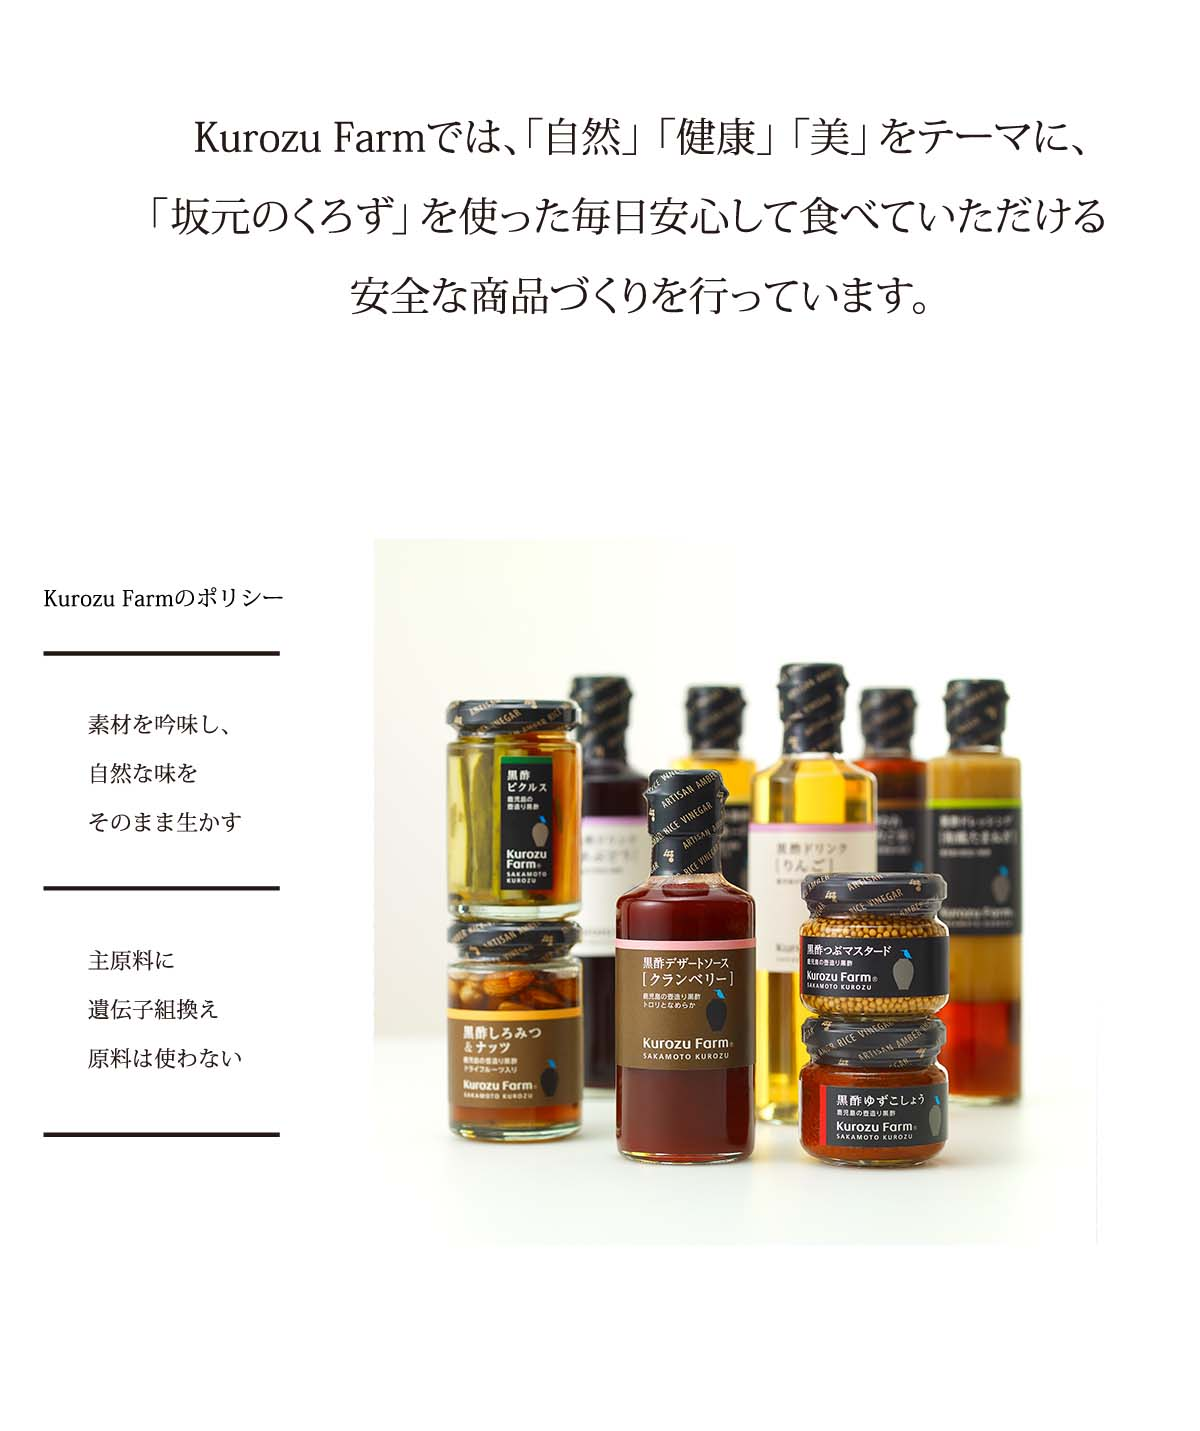 Kurozu Farmでは、「自然」「健康」「美」をテーマに、「坂元のくろず」を使った毎日安心して食べていただける安全な商品づくりを行っています。素材を吟味し、自然な味をそのまま生かす・合成保存料、合成着色料は使わない・主原料に遺伝子組換え原料は使わない